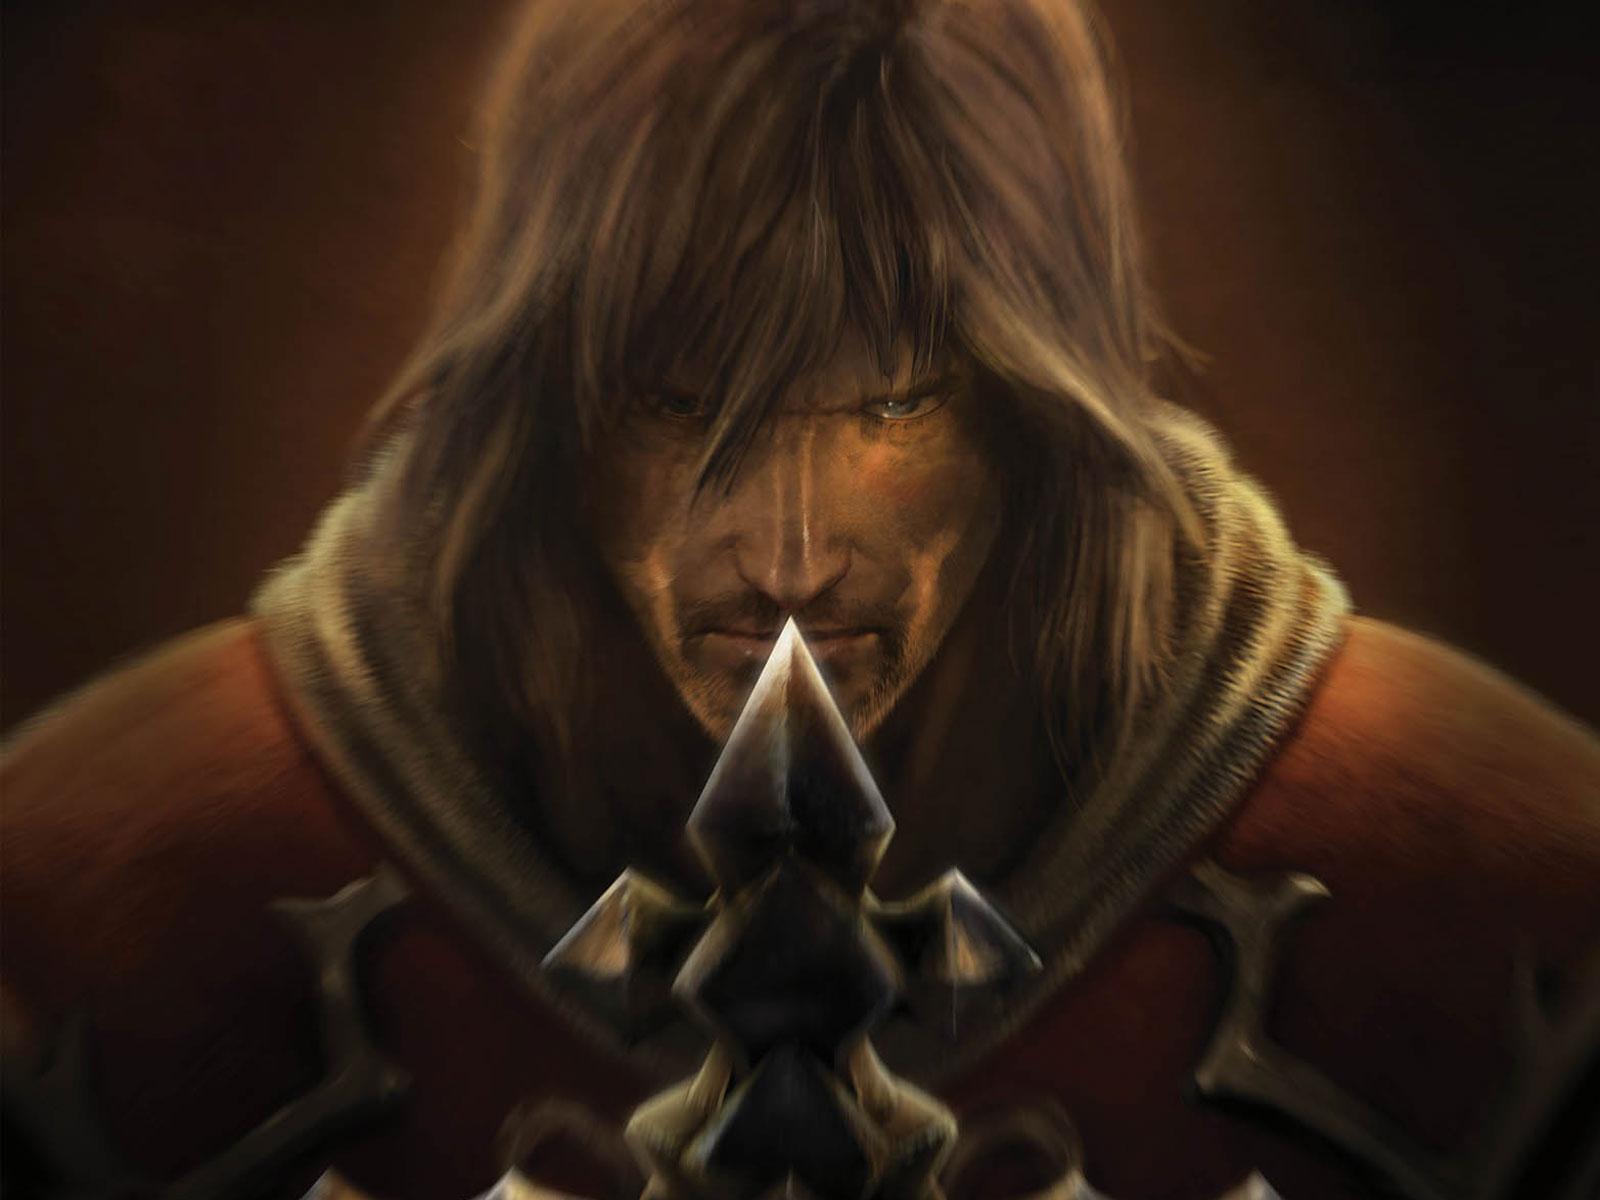 Primer DLC de Lord of Shadows ya tiene precio... pero no fecha [DLC]